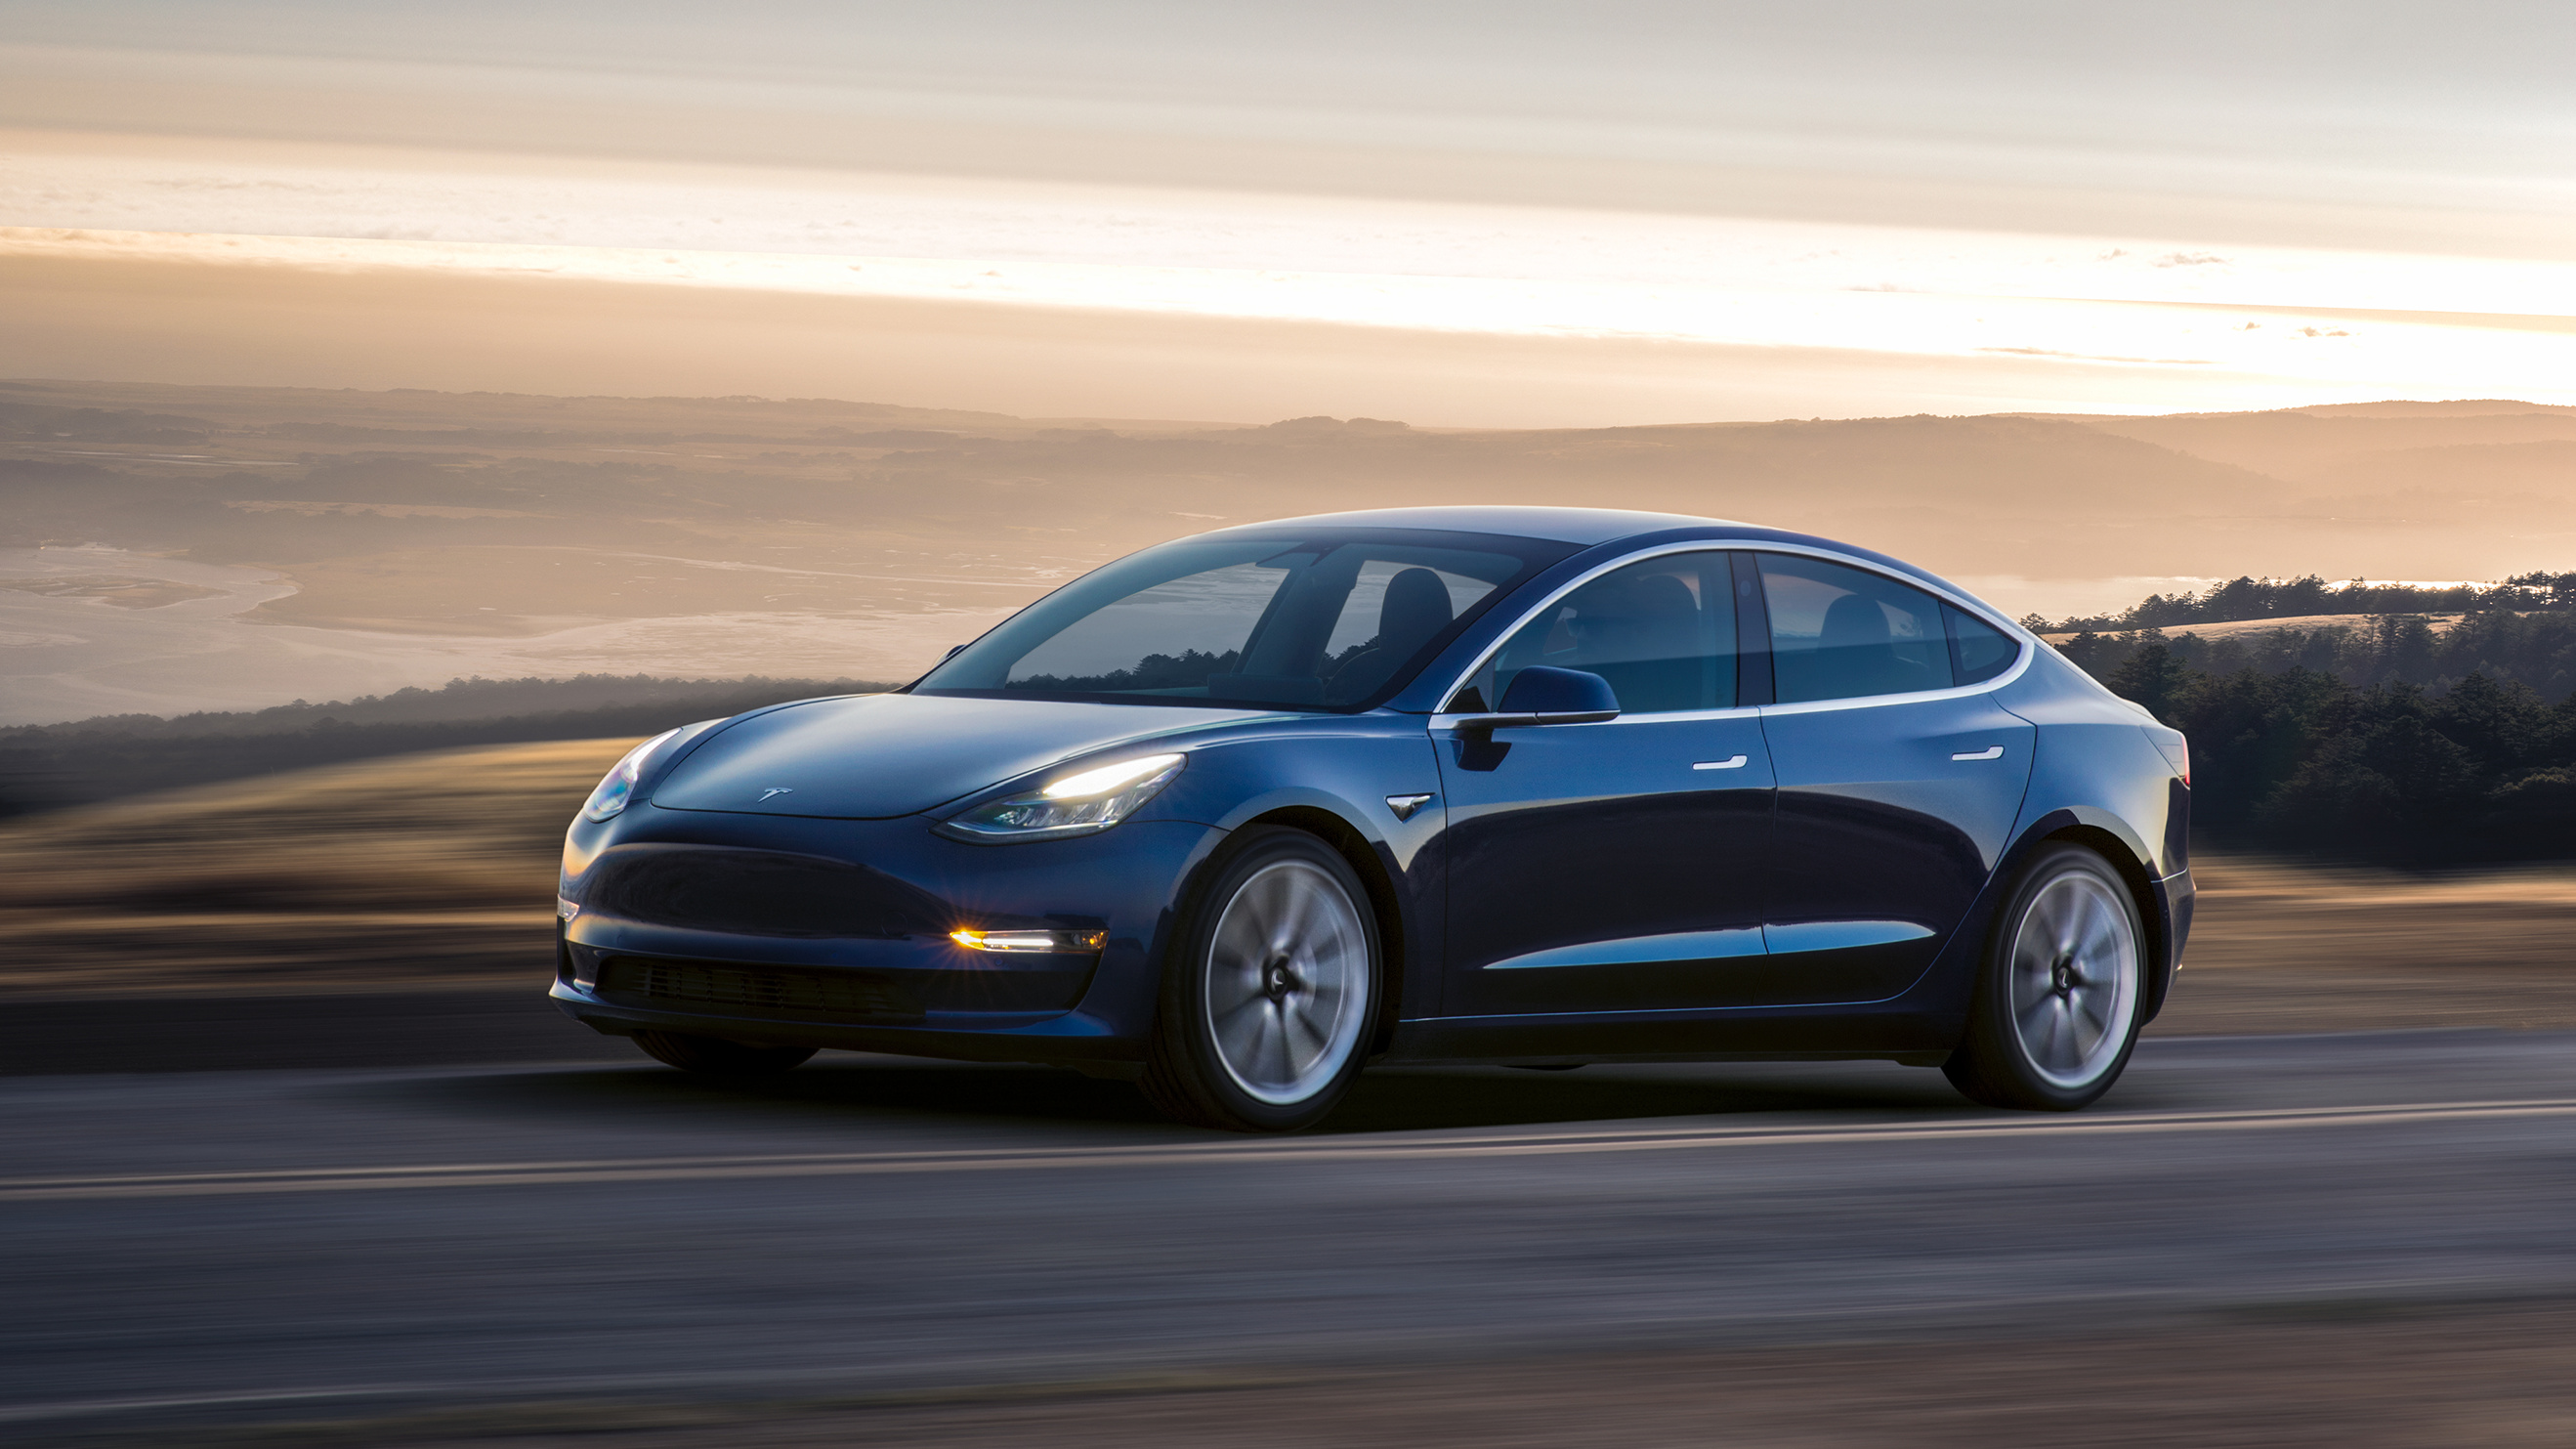 Tesla Model 3 hat eine Reichweite von 499 km nach EPA